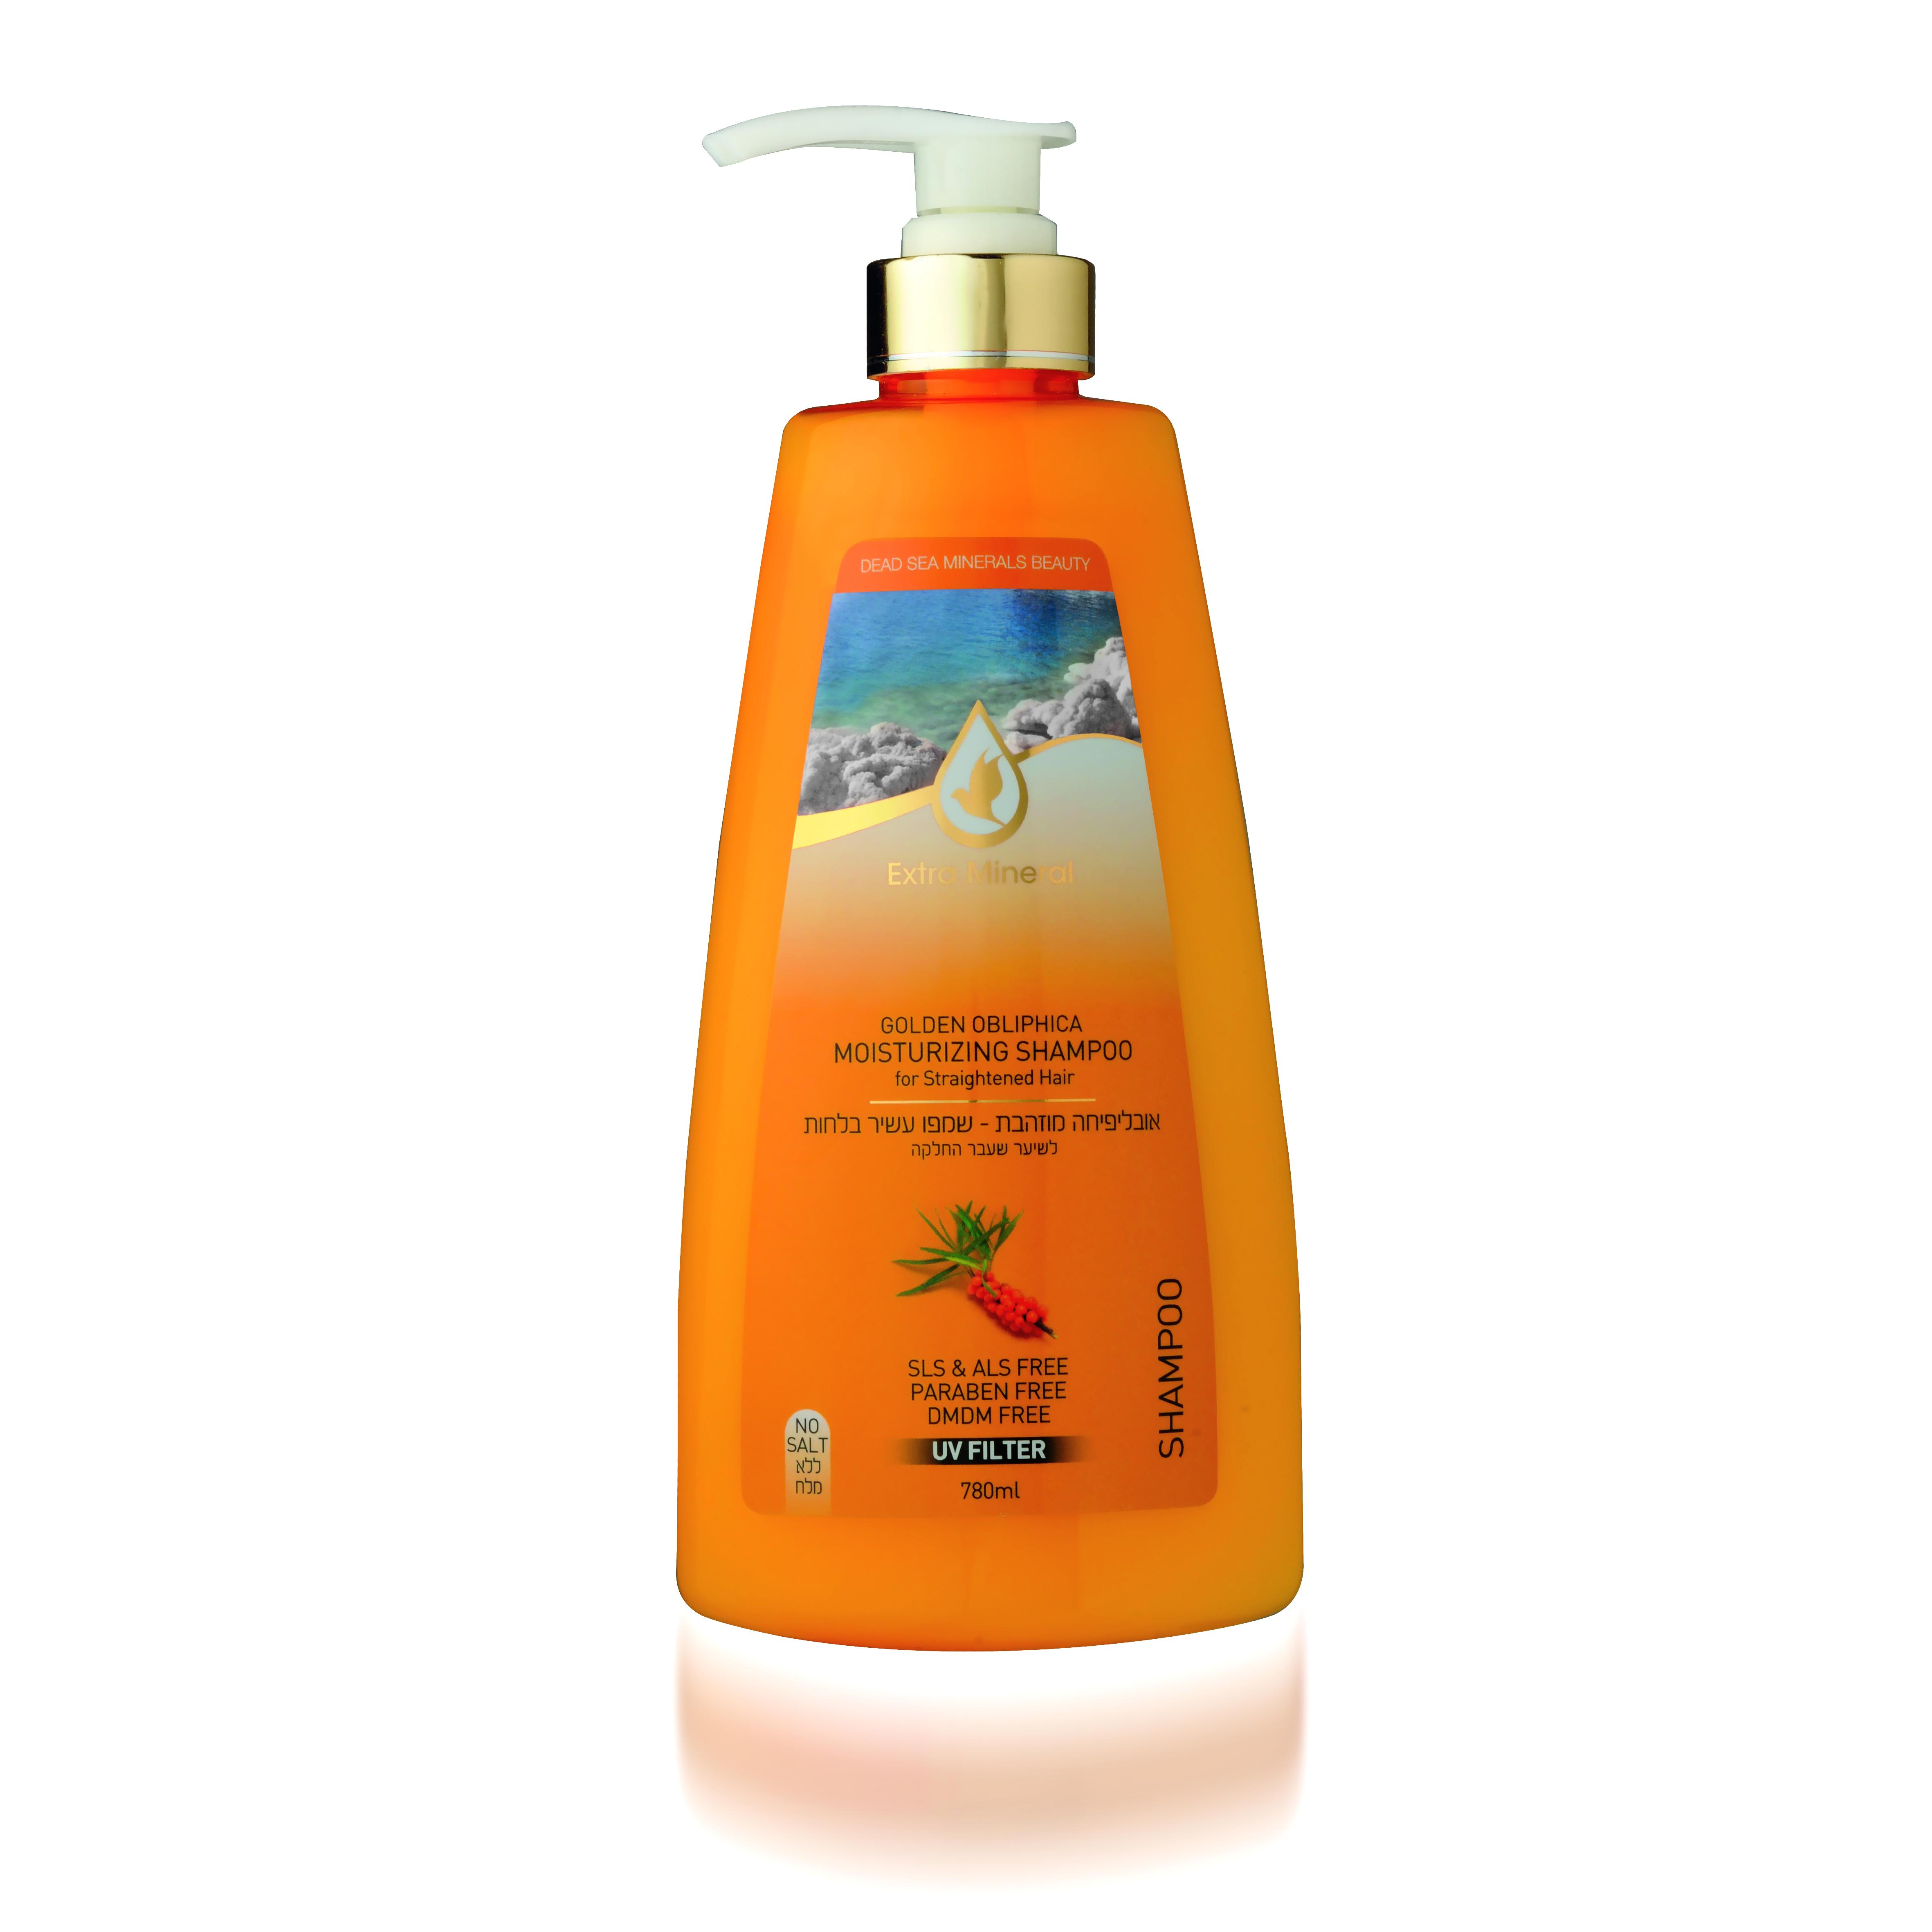 Extra Mineral Увлажняющий шампунь с облепихой для всех типов волос 780 млFS-00103Шампунь Extra Mineral с золотой облепихой, увлажняющий, укрепляющий. Содержит масло облипихи, оливковое масло, витамин минералы Мертвого моря. В составе содержит UV-фильтр, который защищает волосы от ультра-фиолетовых лучей, очищает волосы от соли, хлора и песка, восстанавливает баланс кожи головы. Волшебное сочетание активных натуральных компонентов благотворно влияет на волосы и кожу головы, волосы увлажняются и питаются, становятся шелковистыми. Нежная легкая пена дает ощущение свежести. Вы сразу почувствуете, как волосы начинают дышать, а изысканный аромат облепихи не оставит вас равнодушным! Благодаря активному действию минералов Мертвого моря волосы насыщаются необходимыми минералами, волосы оздоравливается, улучшается их внешний вид; улучшается клеточный метаболизм кожи головы и лица, стимулируется синтез белка, повышается регенерация клеток. Минералы обладают сильными антиаллергенными свойствами и являются мощными антиоксидантами; повышается микроциркуляция крови, улучшается состояние кожи и подкожной клетчатки, волосы увлажняются и питаются, а кожа лица и головы омолаживается; оптимизируется оптимальный уровень Ph волос и кожи. Минералы Мертвого моря оказывают защитное действие от УФ-лучей. Шампунь прекрасно увлажняет волосы, восстанавливая их структуру, делает волосы более послушными и возвращает им естественный блеск. Шампунь оказывает противовоспалительное действие, способствует ускорению заживления, оказывает антиоксидантное и успокаивающее действие, питает и смягчает кожу, помогает бороться с шелушением, устраняет следы высыпаний. При втирании в кожу головы помогает улучшить состояние сухих и секущихся волос. Волосы интенсивно питаются, становятся гладкими, шелковистыми, излучают здоровый блеск. Рекомендовано для всех типов волос.